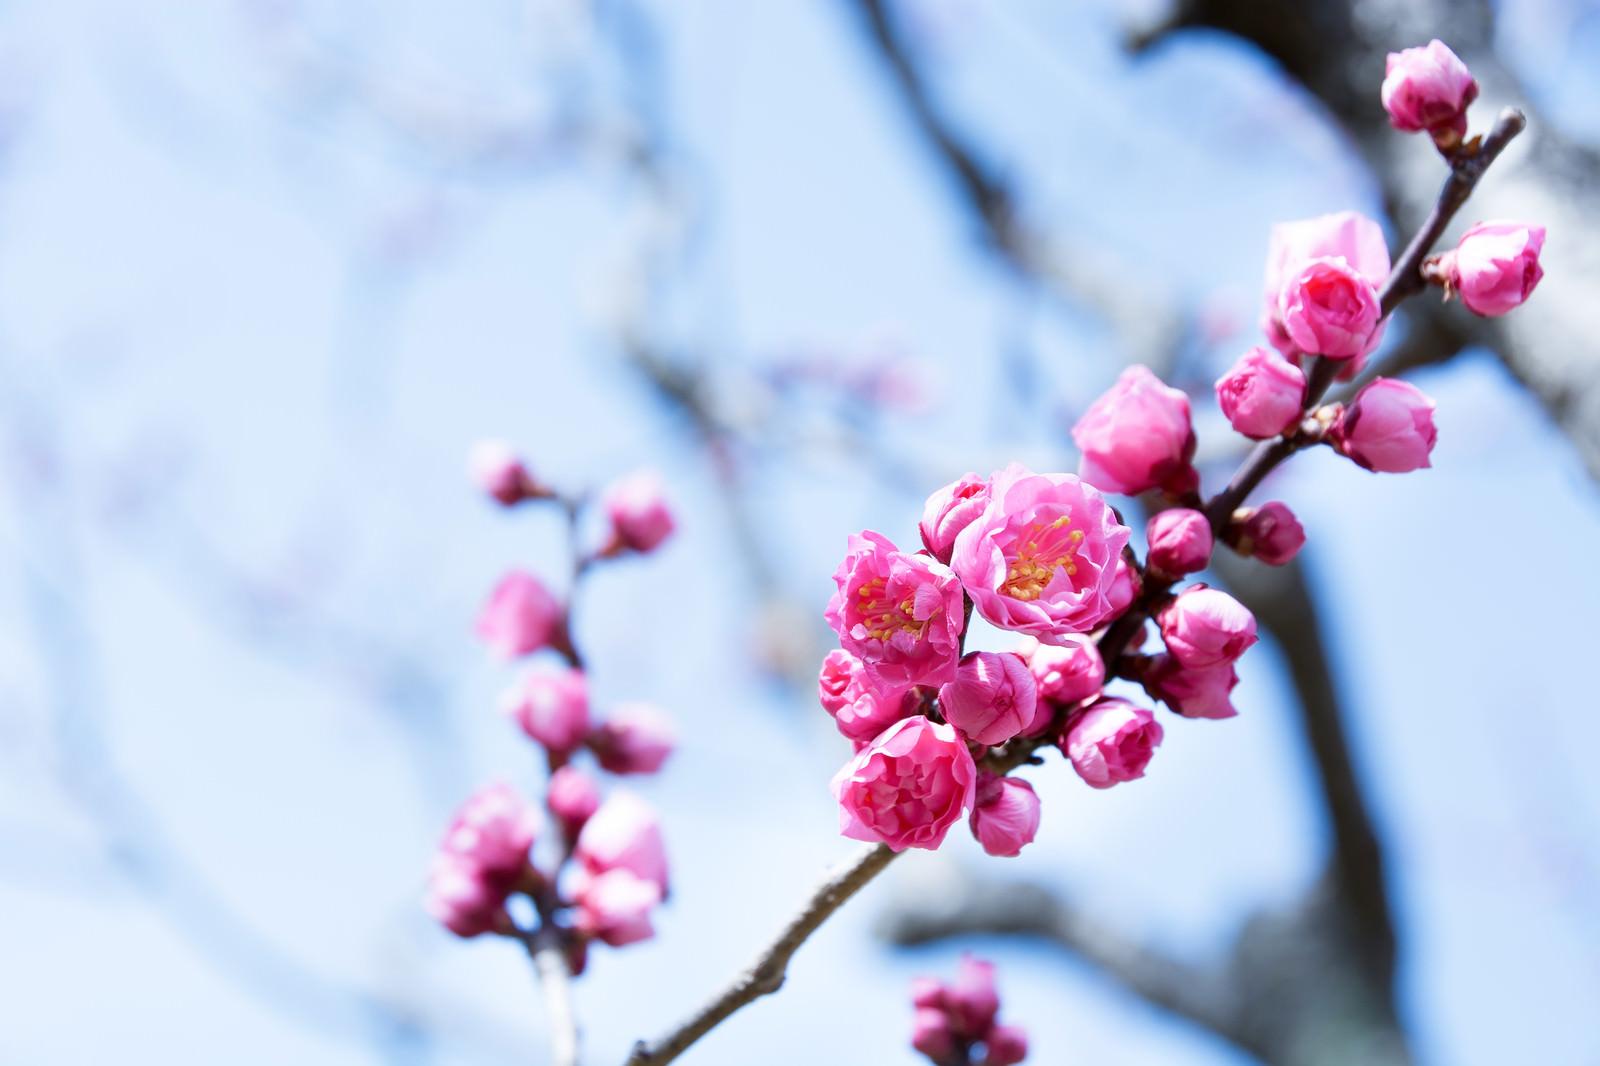 「満開にはまだまだな紅梅の枝(蘇原自然公園)」の写真